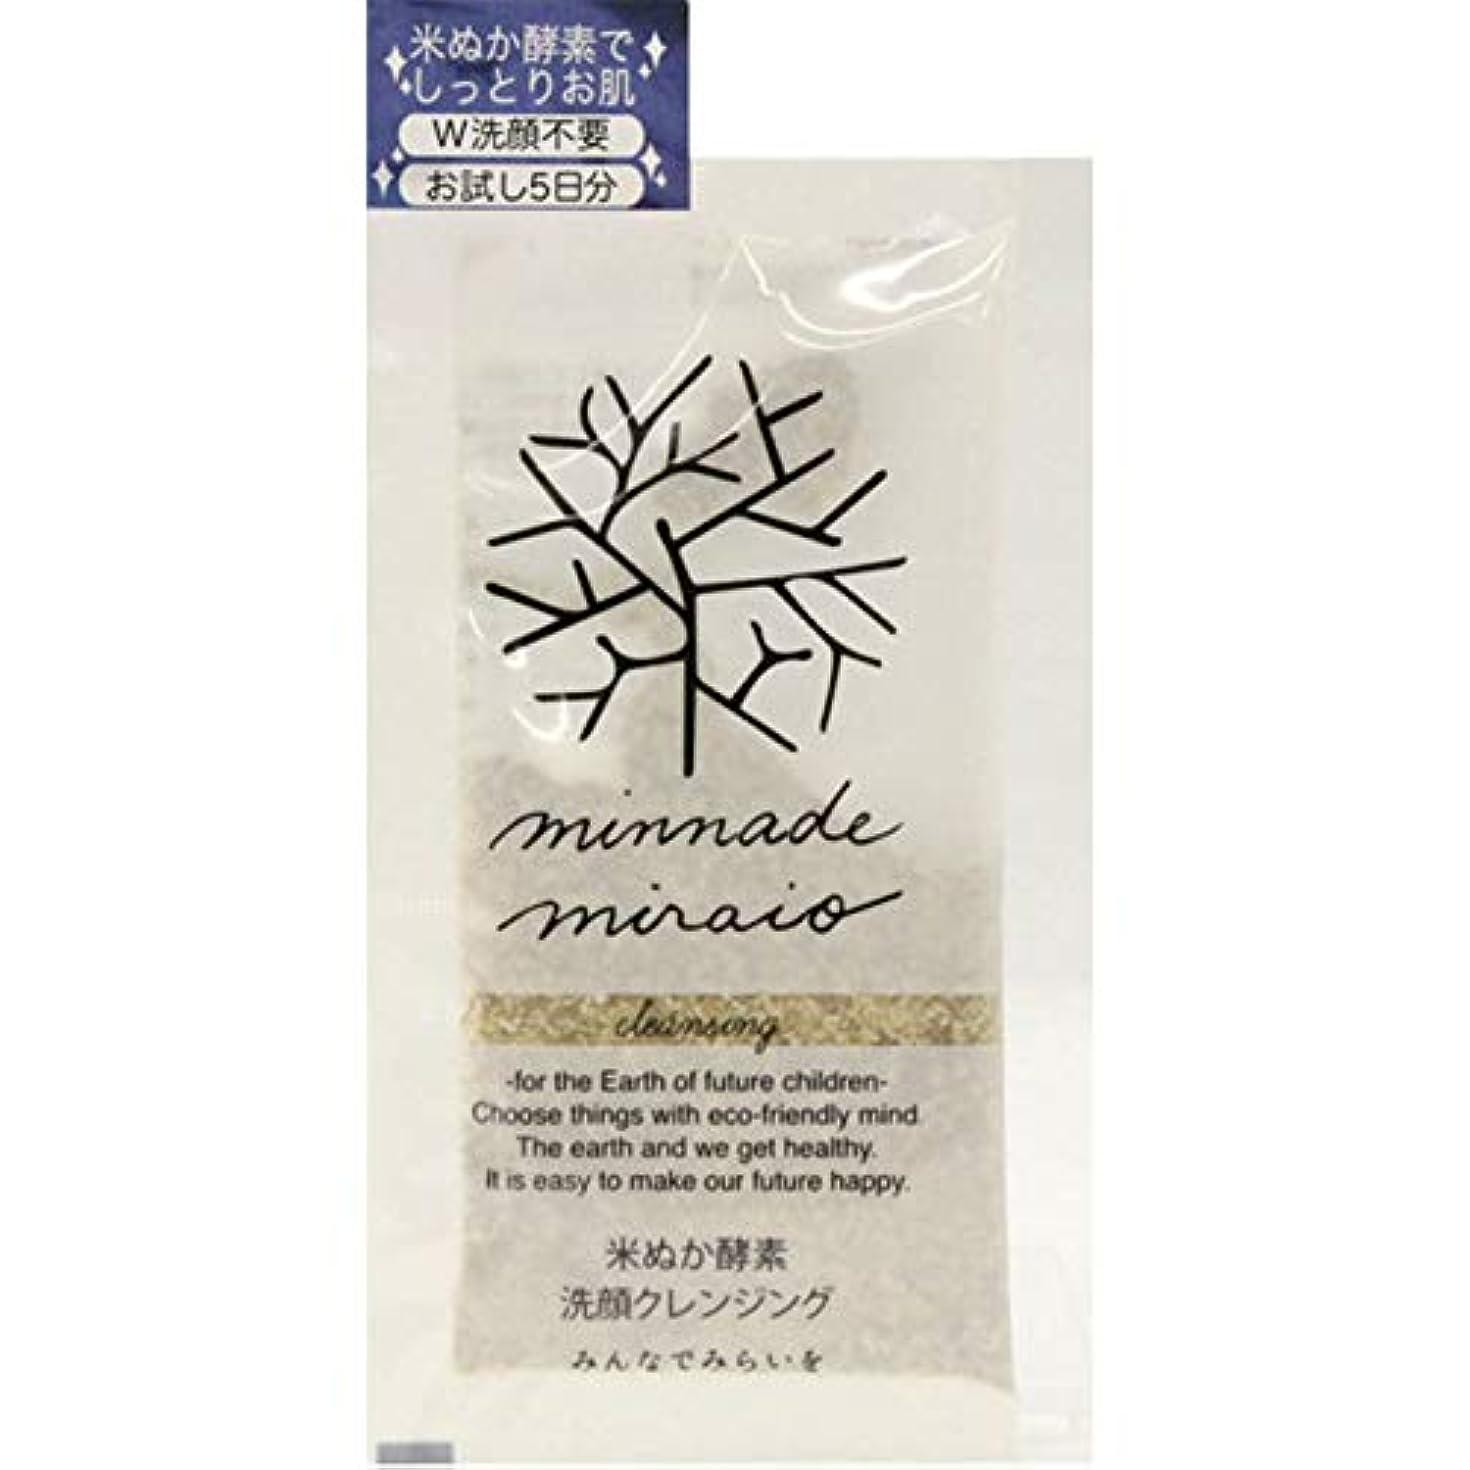 モールス信号骨折ほのかフロムファーイースト みんなでみらいを 米ぬか酵素洗顔クレンジングパウチ 5g